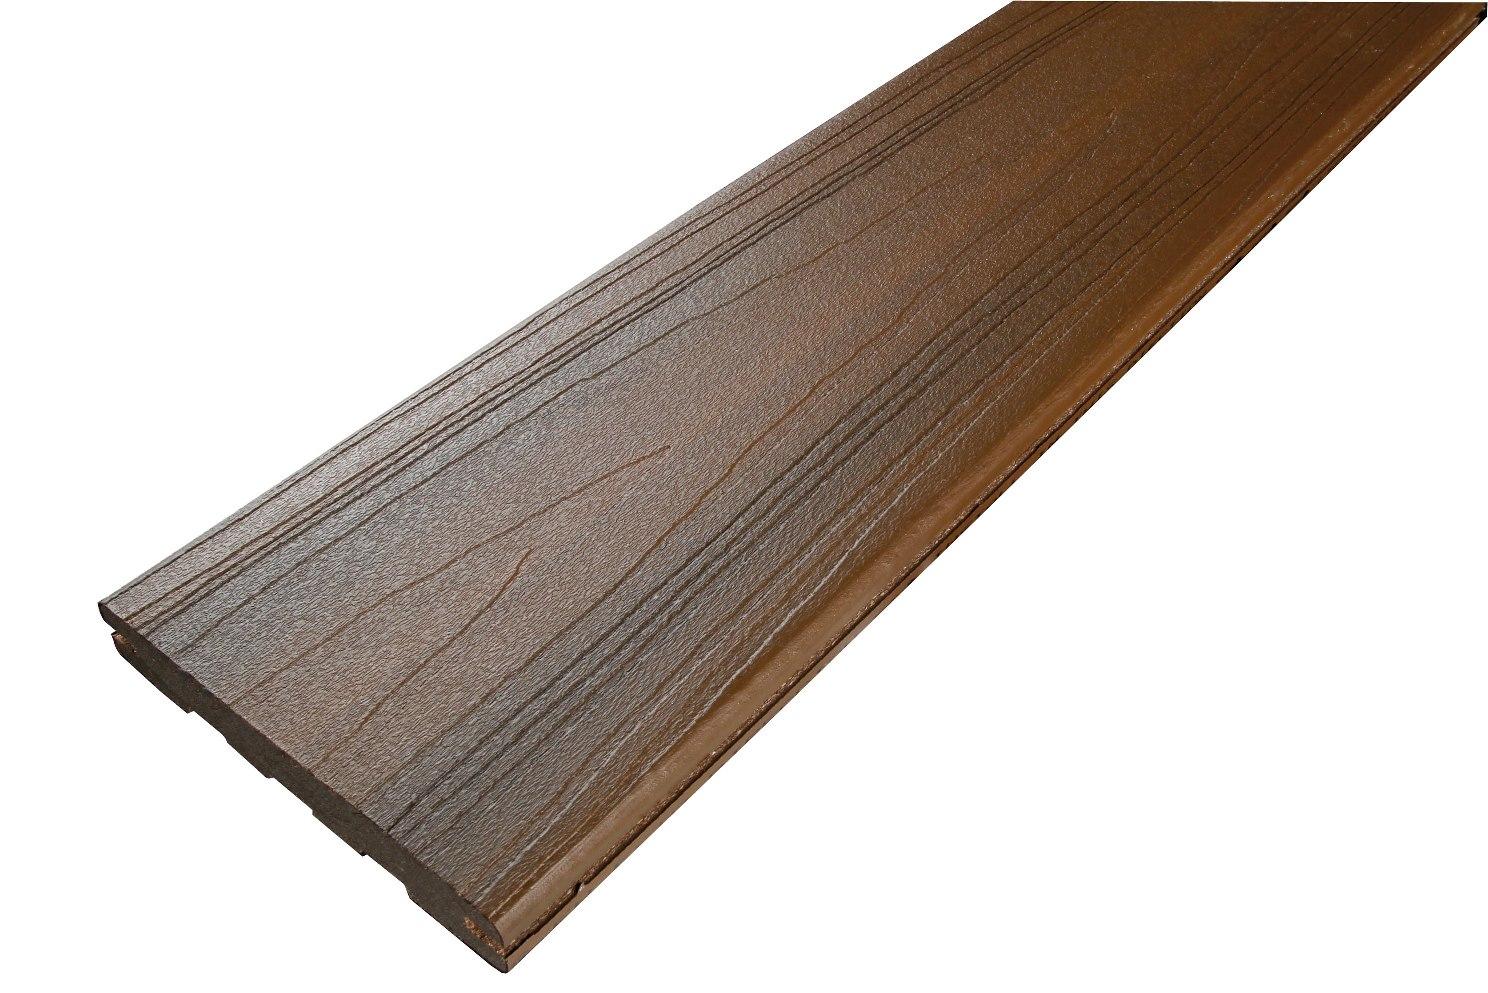 Lame de terrasse en bois posite brun à clipper Fiberon